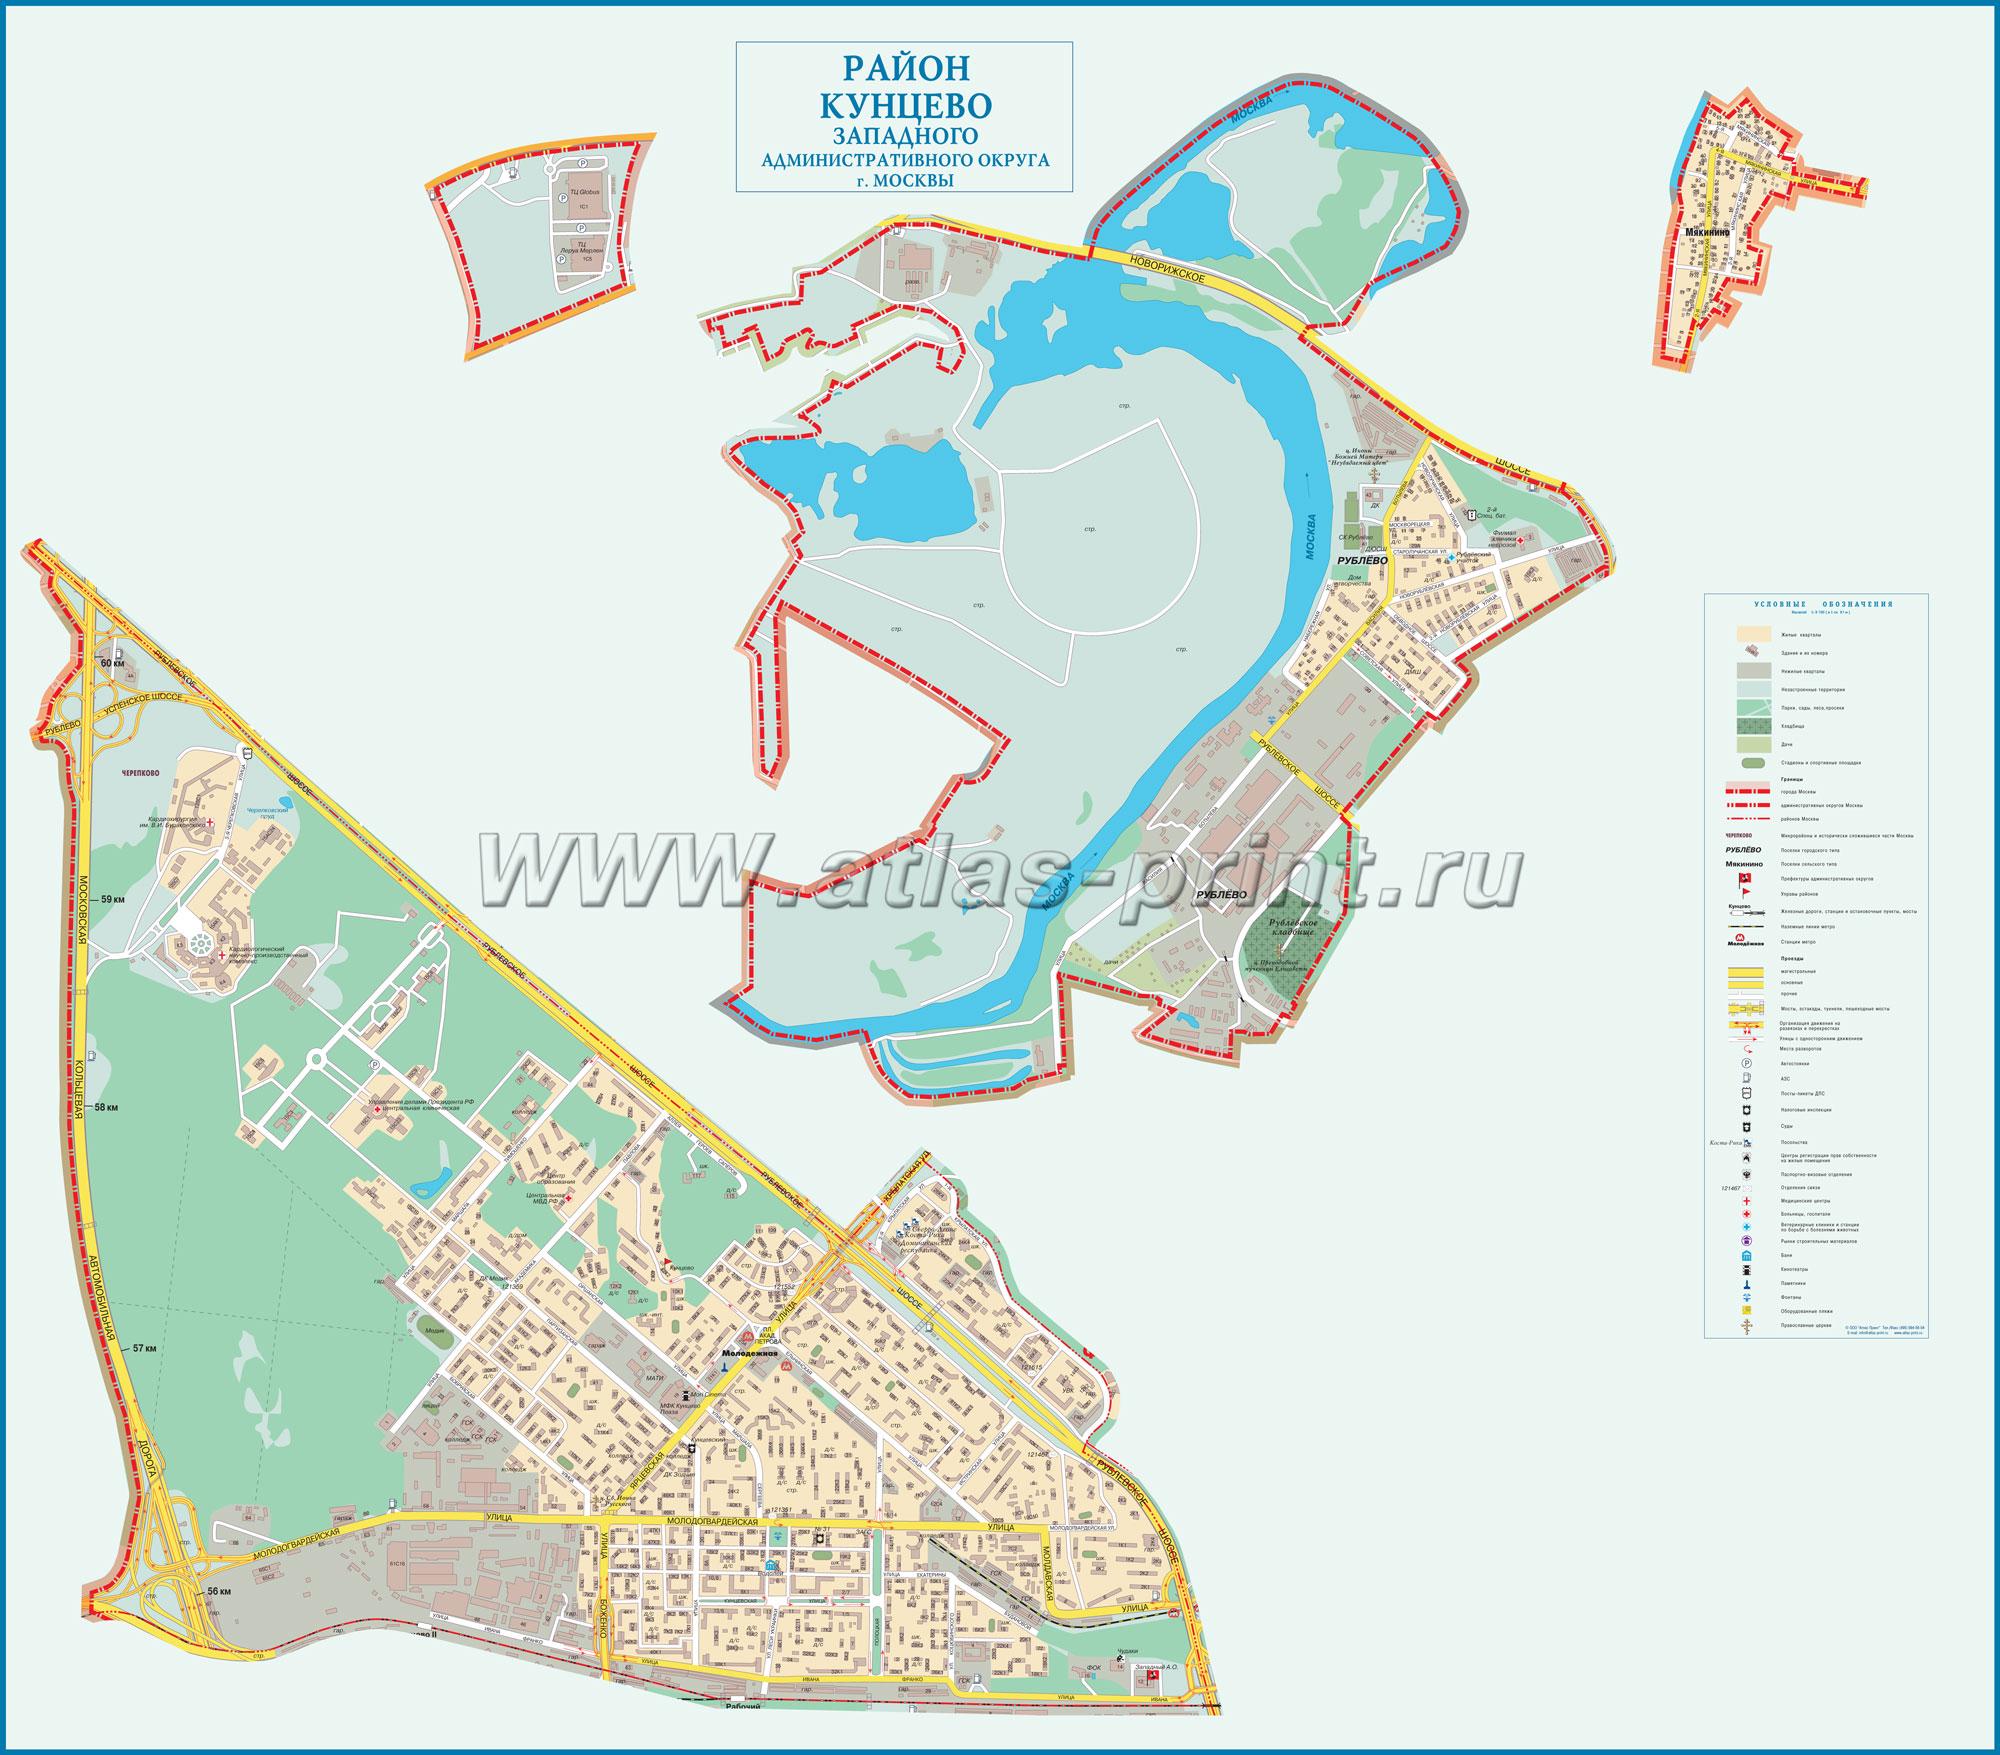 Настенная карта района Кунцево г.Москвы 1,00*0,88 м, ламинированная